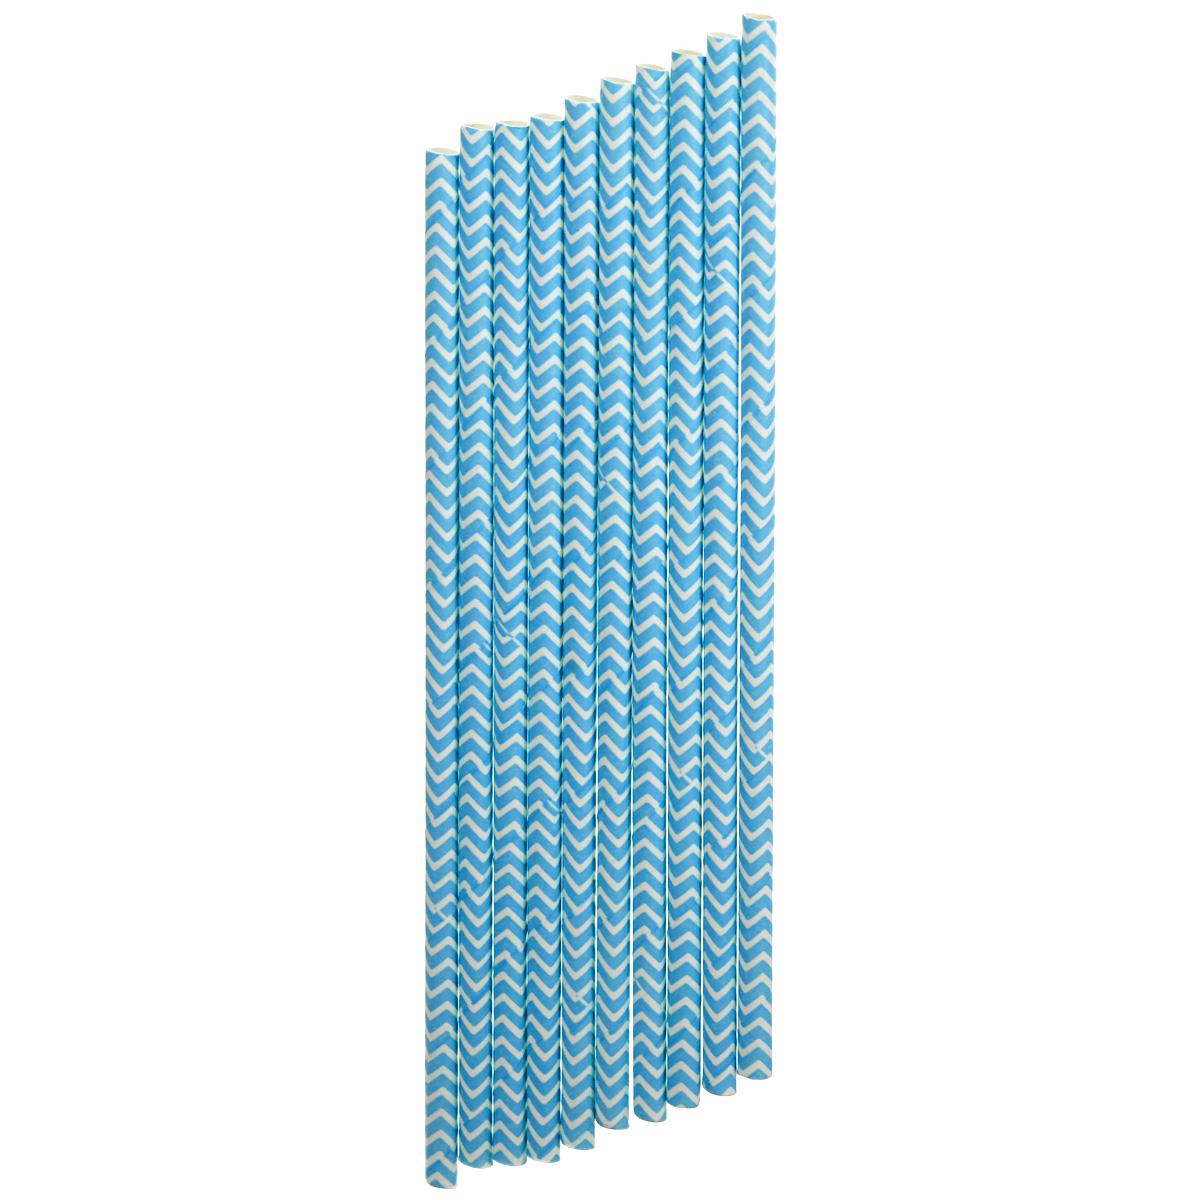 Набор бумажных трубочек Dolce Arti Шеврон, цвет: синий, 10 штDA040243Набор Dolce Arti Шеврон состоит из 10 бумажных трубочек, предназначенных для напитков. Цветные трубочки станут не только эффектным украшением коктейлей, но и ярким штрихом вашего сладкого стола. С набором Dolce Arti Шеврон ваш праздник станет по-настоящему красочным! Длина трубочки: 19,5 см. Диаметр трубочки: 5 мм.